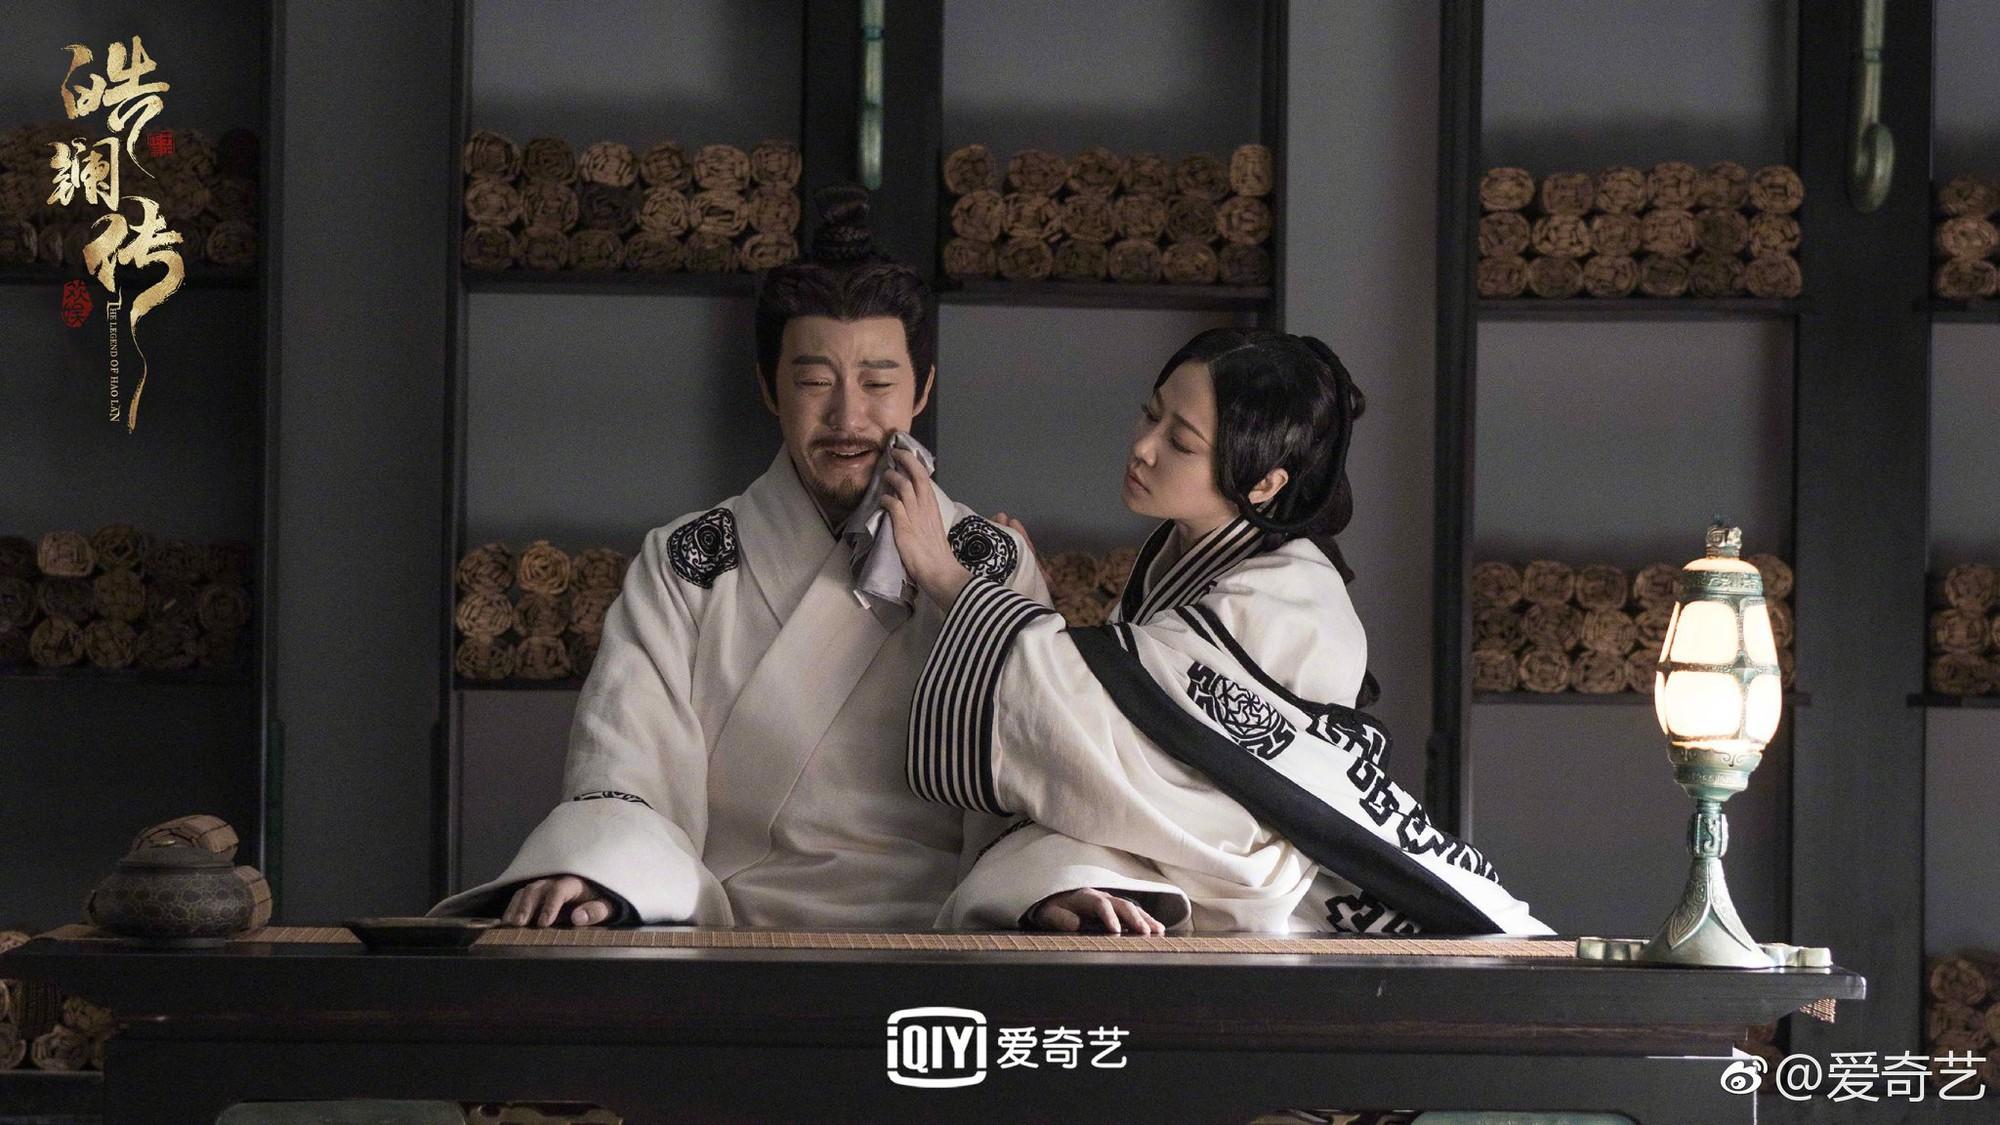 Ngô Cẩn Ngôn cười đắc ý khi cưỡng hôn thành công Nhiếp Viễn trong Hạo Lan Truyện - Ảnh 2.